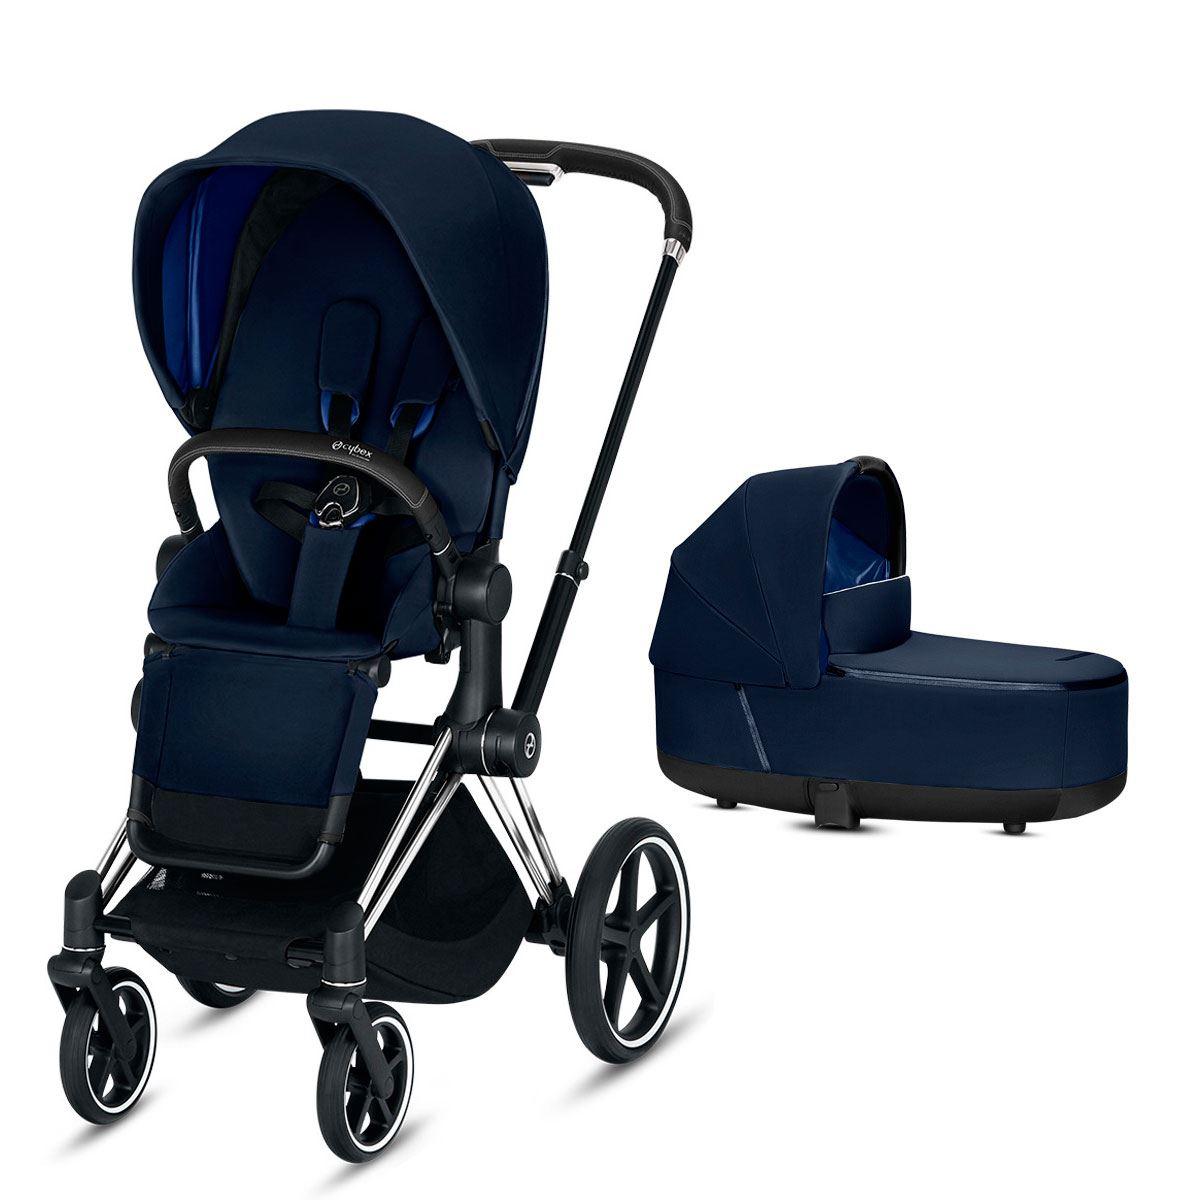 Duo Priam con silla lux y capazo lux indigo blue chasis cromado black